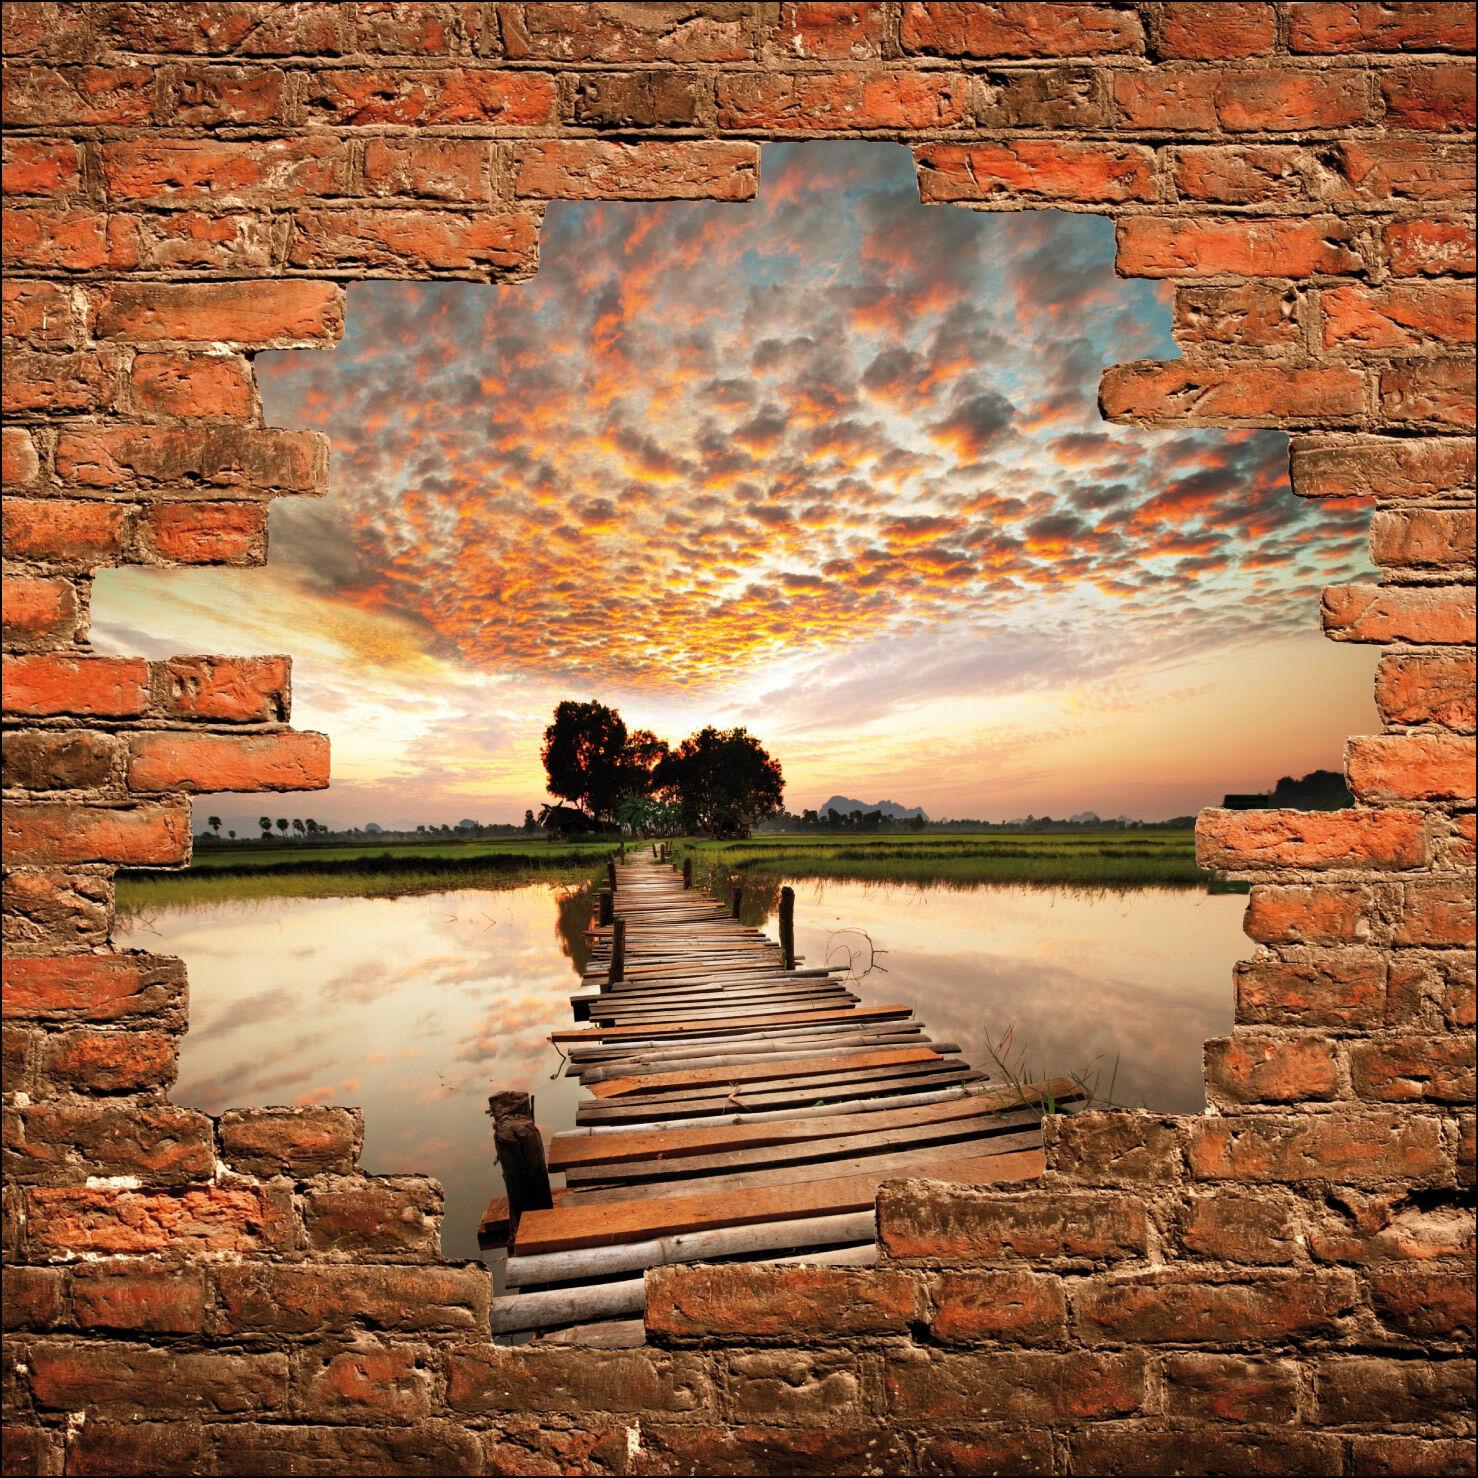 Sticker mural trompe l'oeil mur mur l'oeil de pierre pont sur l'eau réf 856 379034